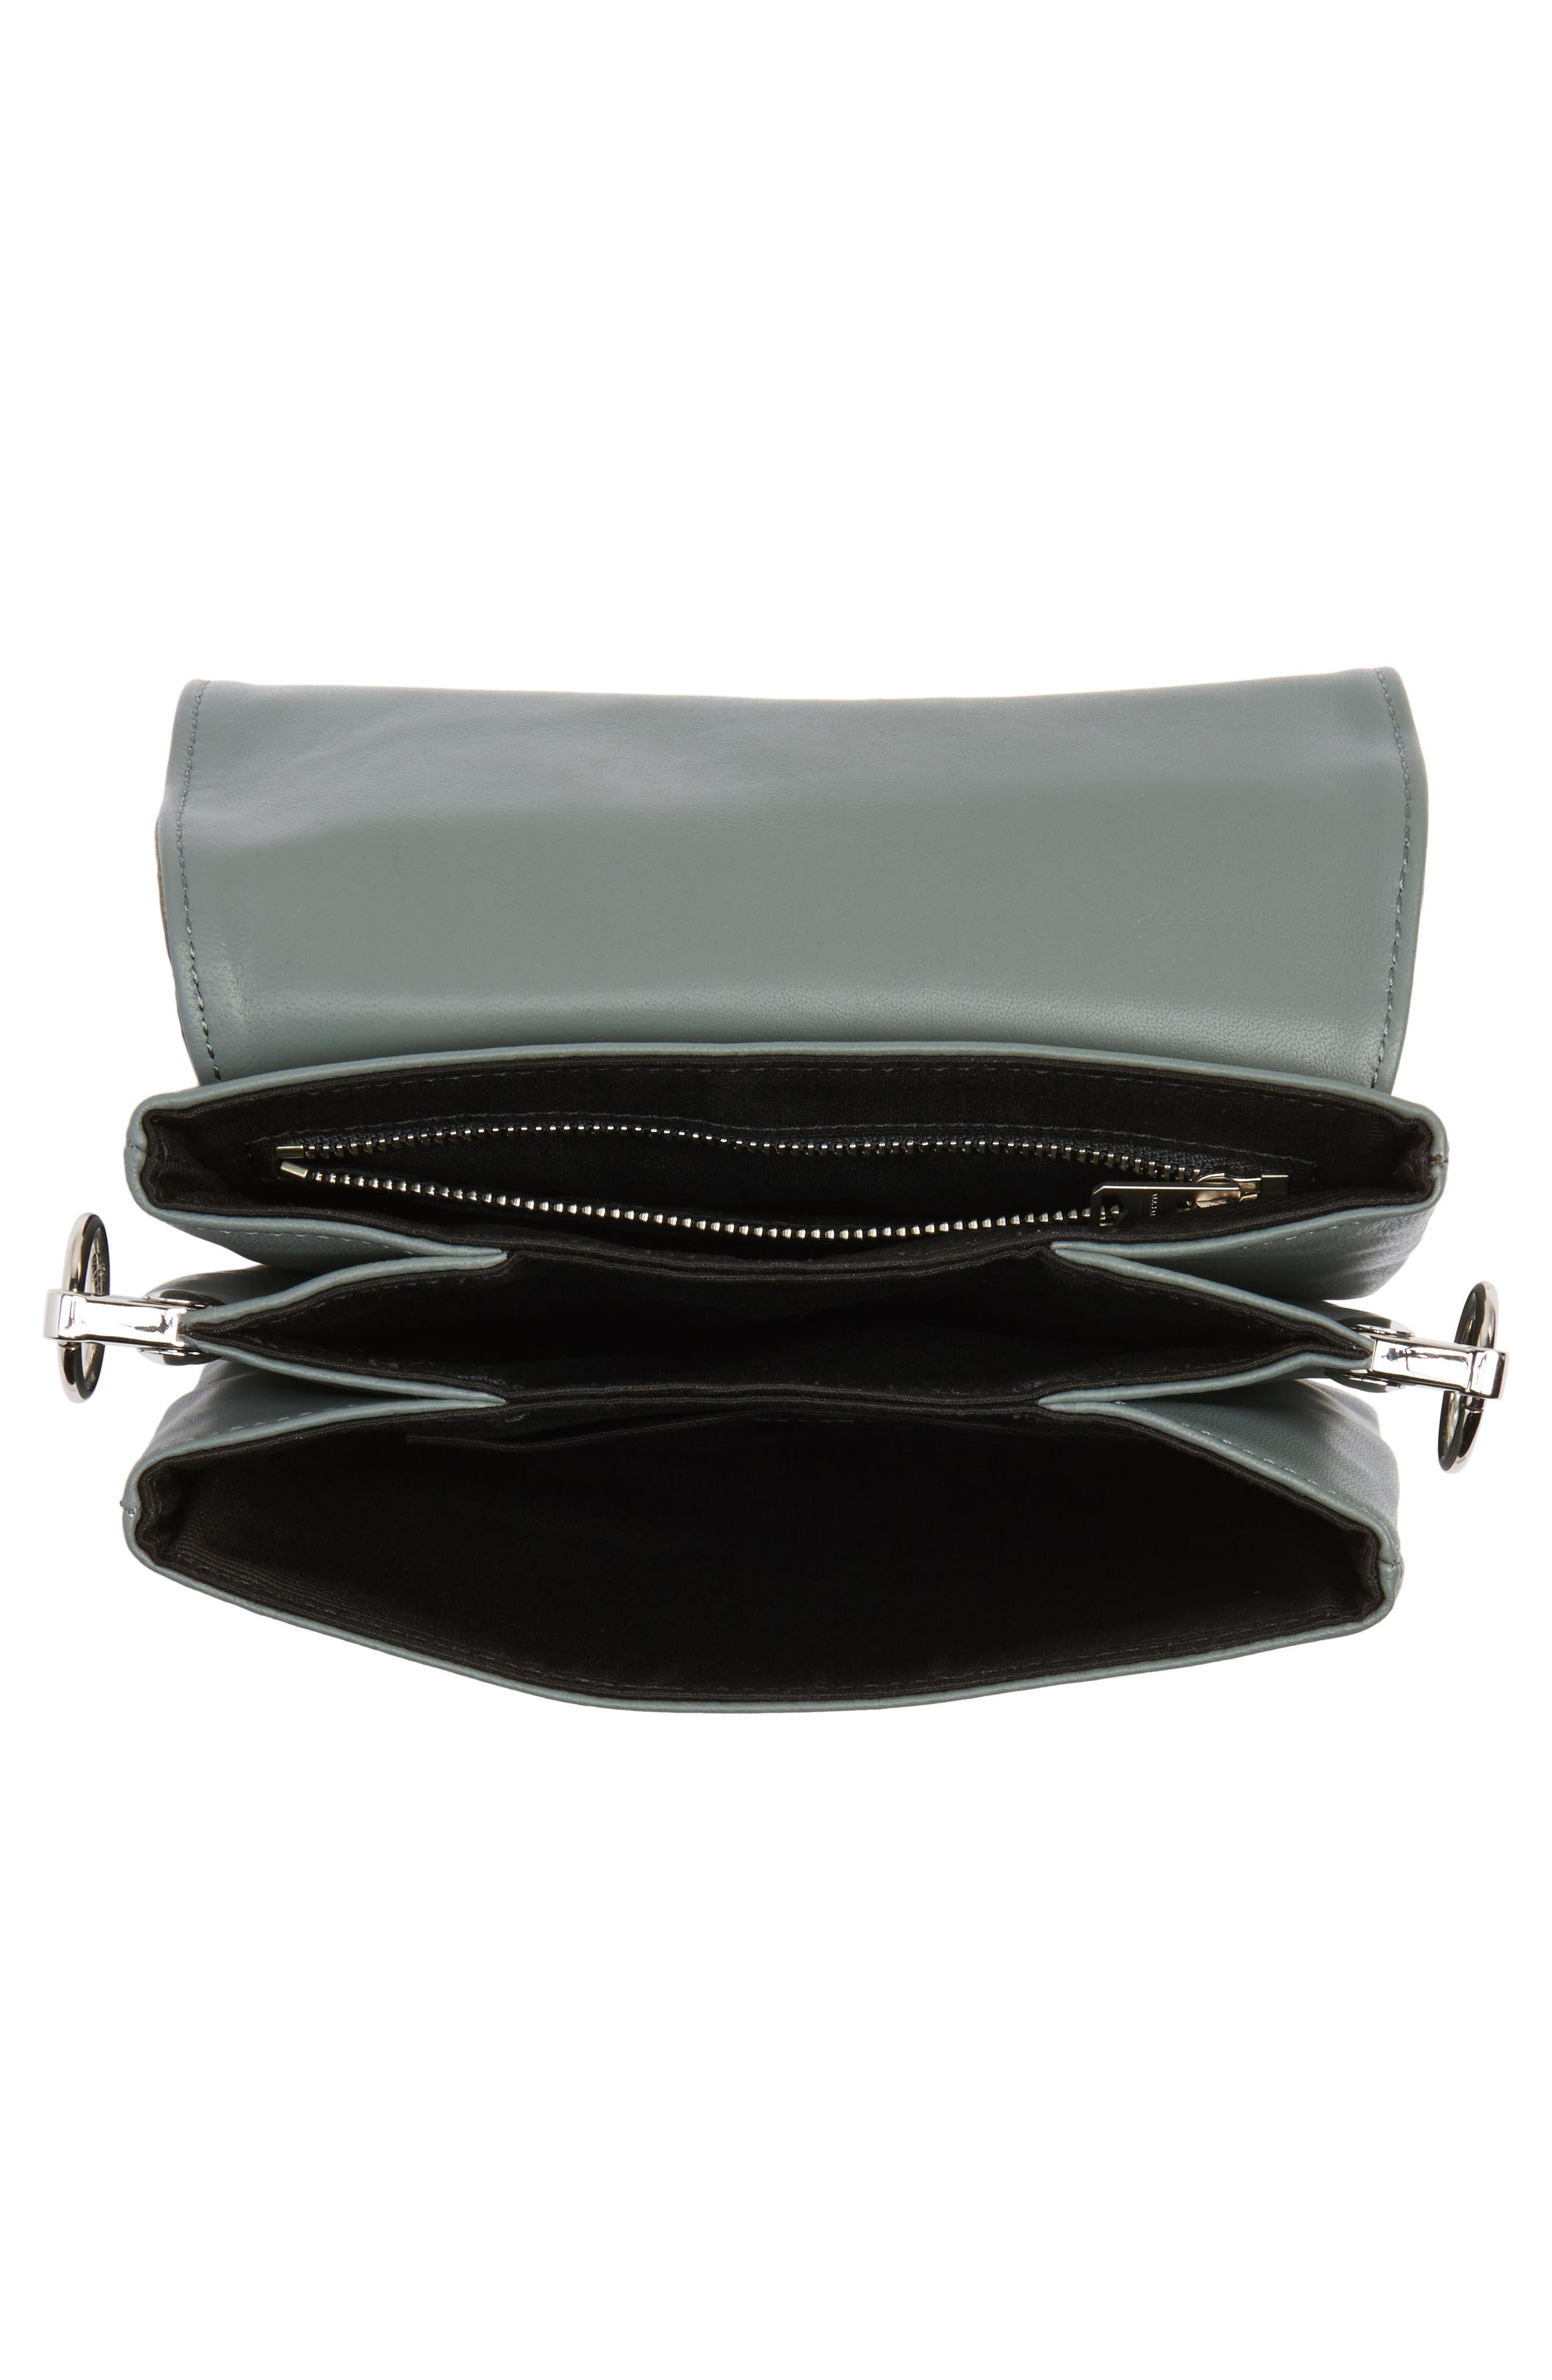 Zep Lambskin Leather Shoulder Bag,                             Alternate thumbnail 8, color,